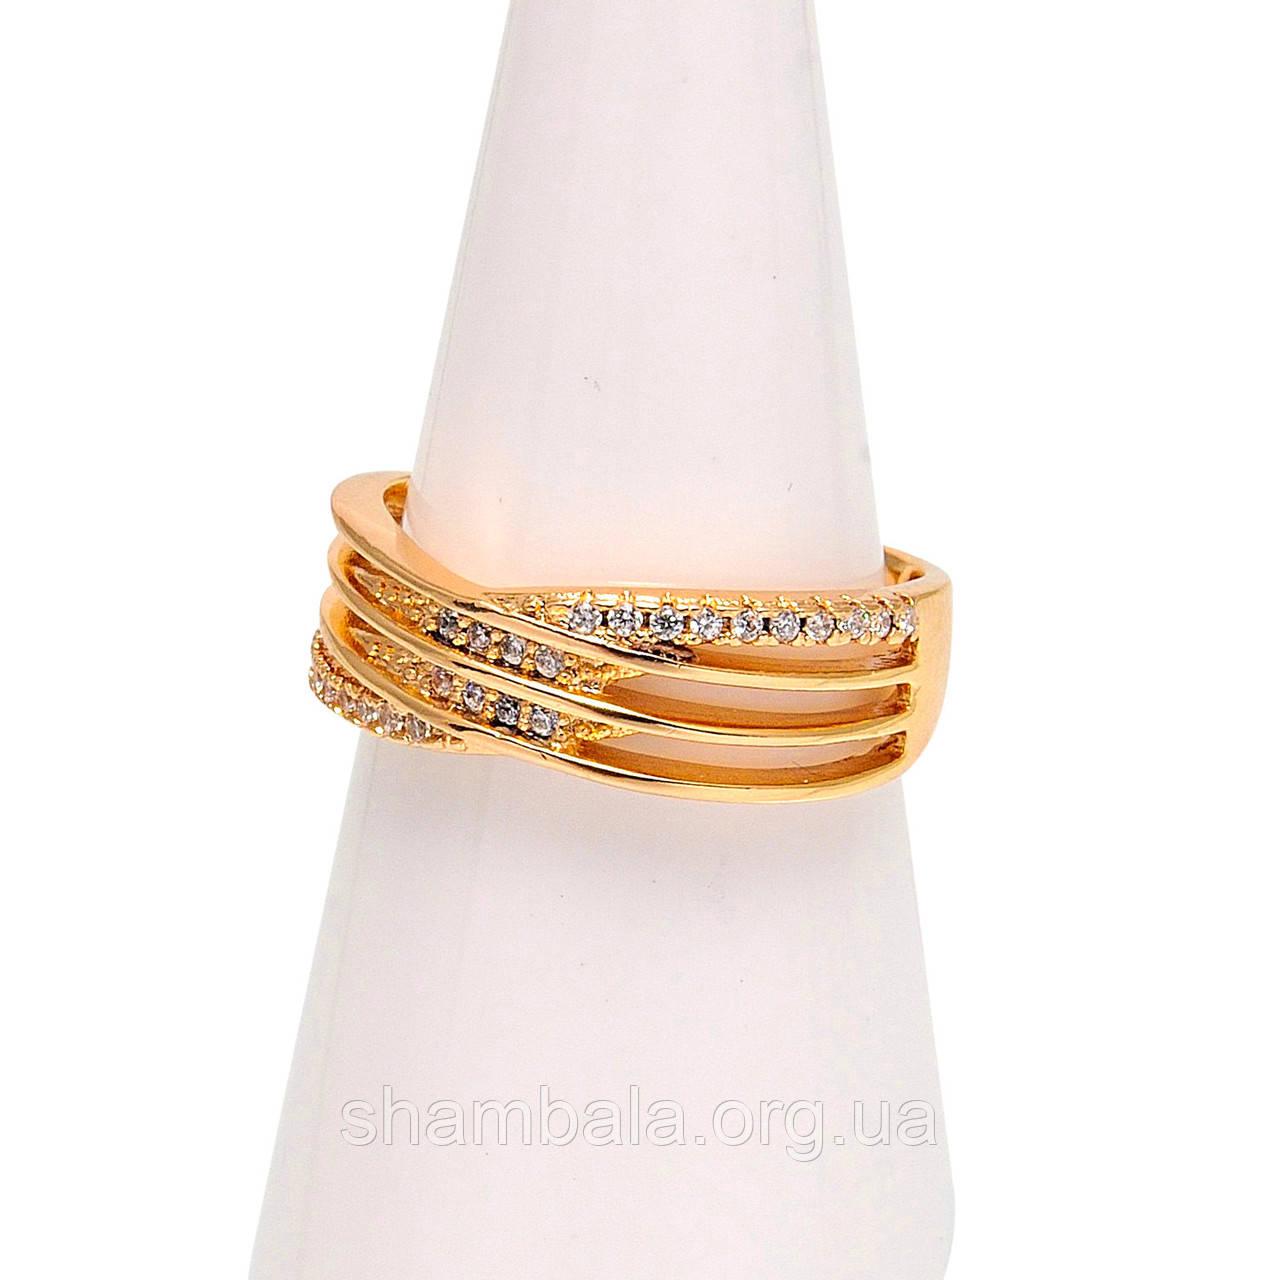 Перстень Strewn with pebbles размер 7 (080475)